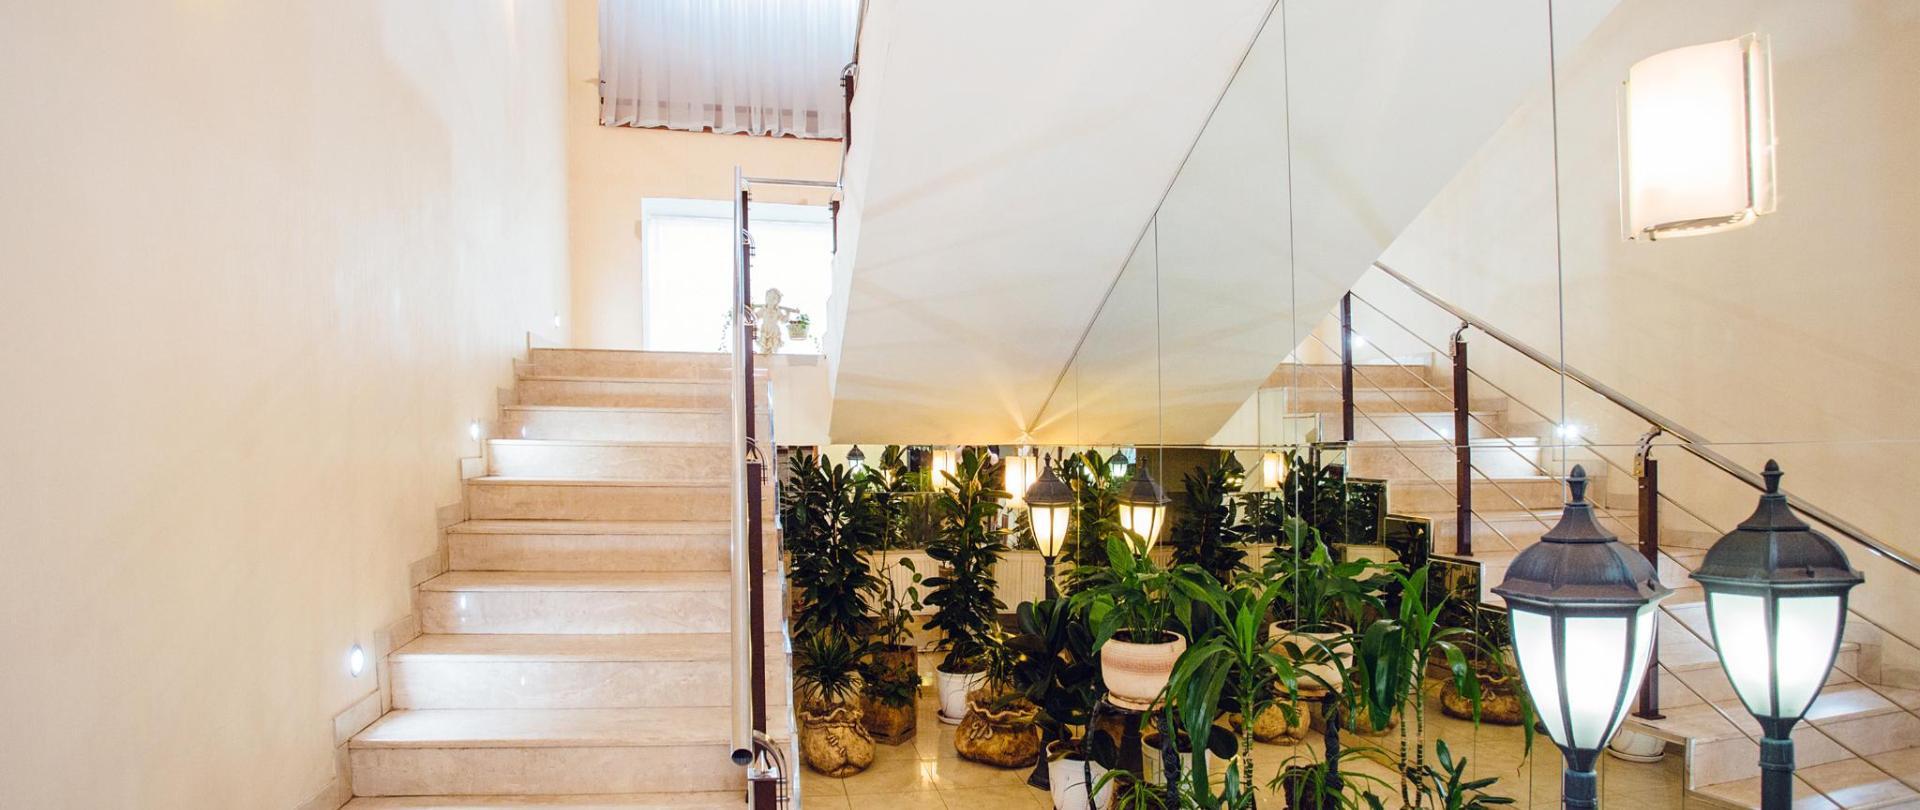 _Отель Лестница 1 этаж.jpg